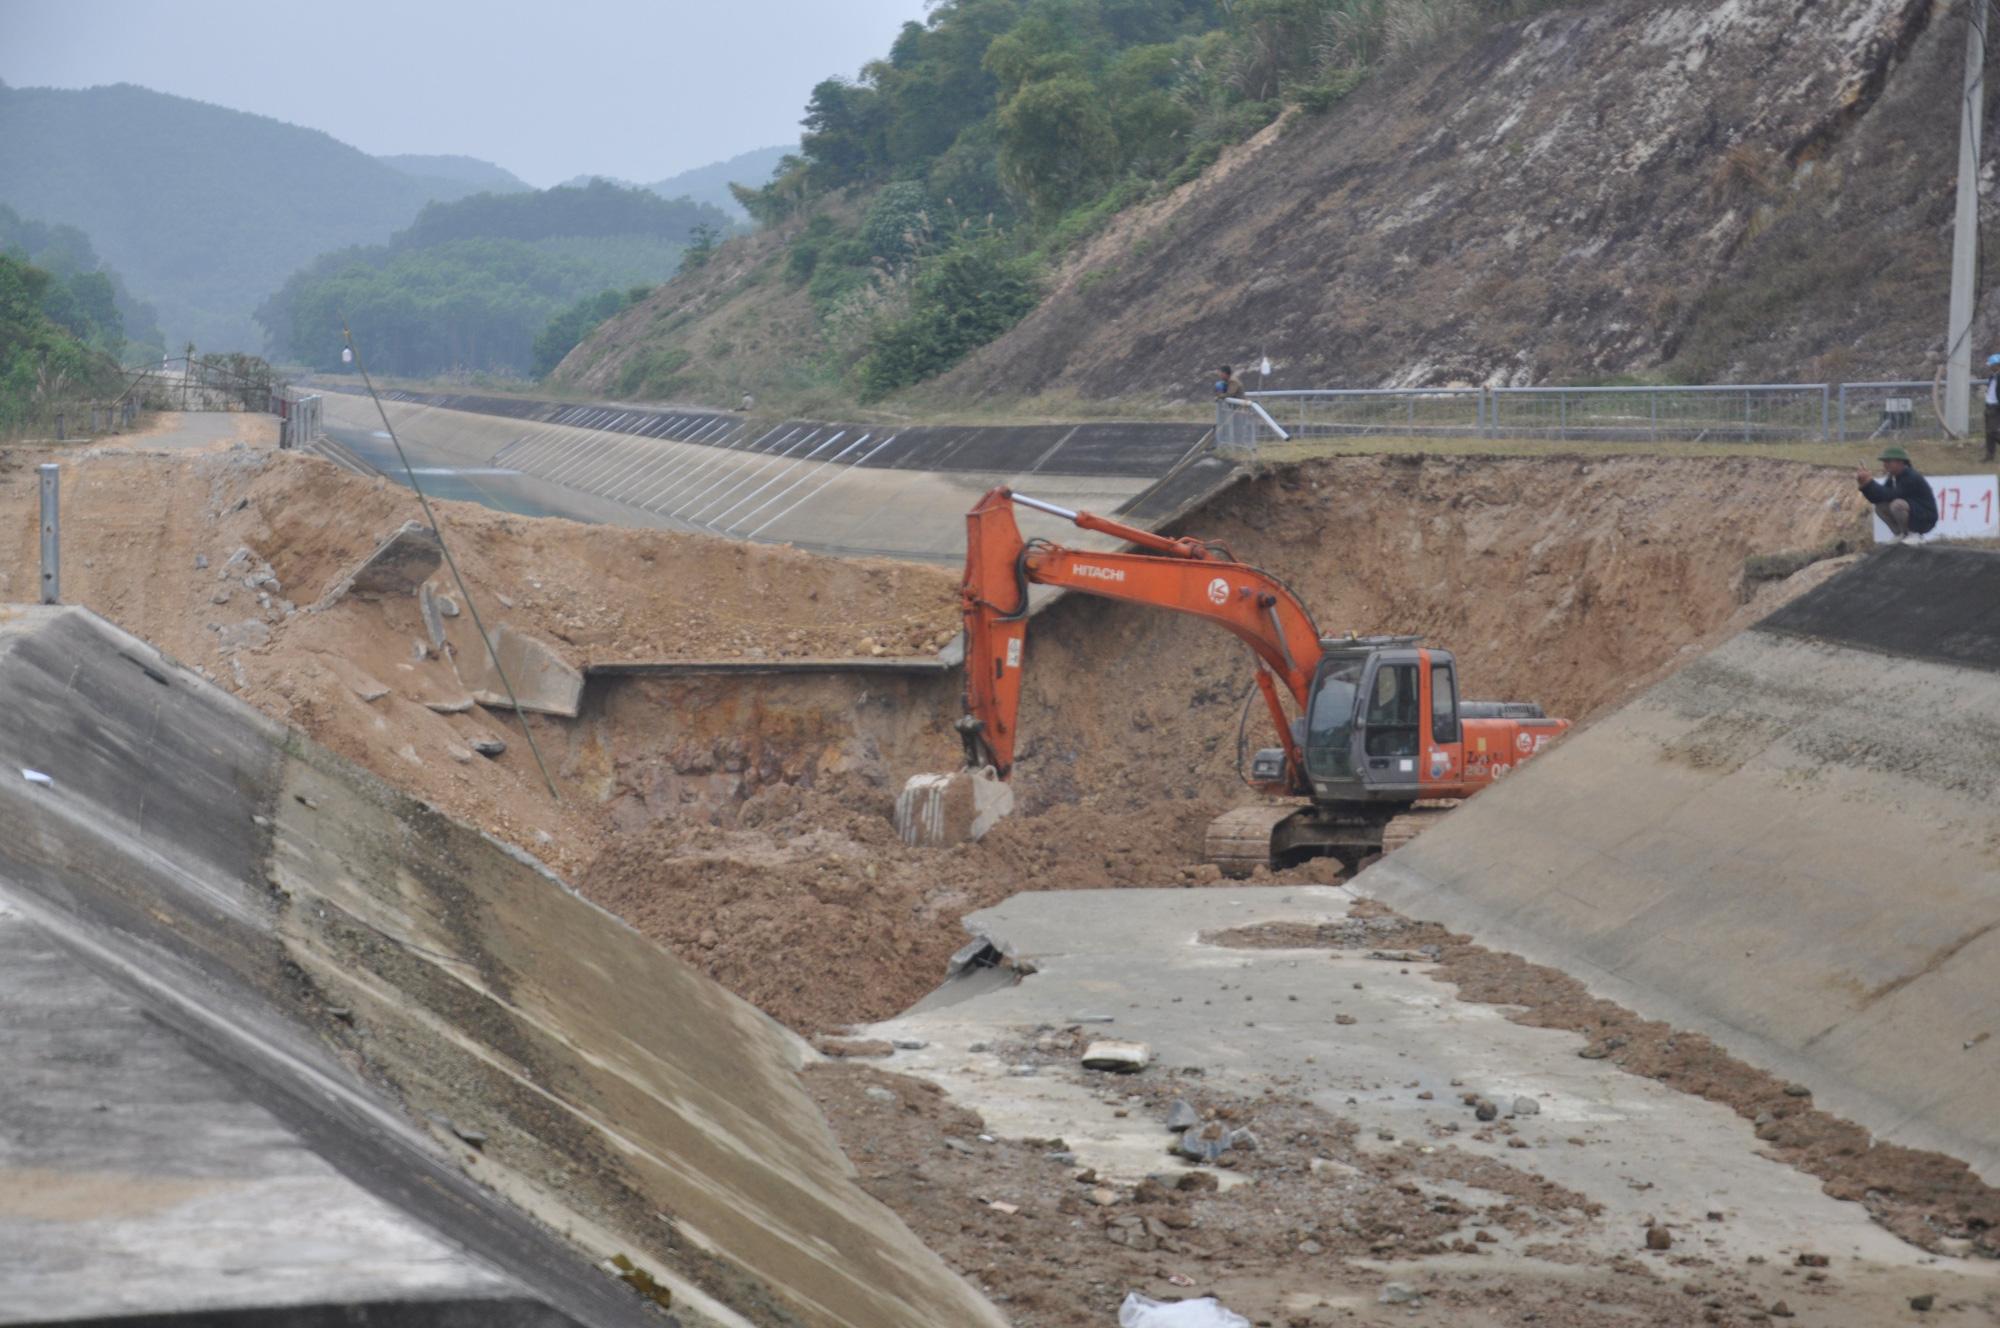 Cận cảnh sự cố vỡ kênh Bắc sông Chu - Nam sông Mã ở Thanh Hóa - Ảnh 1.